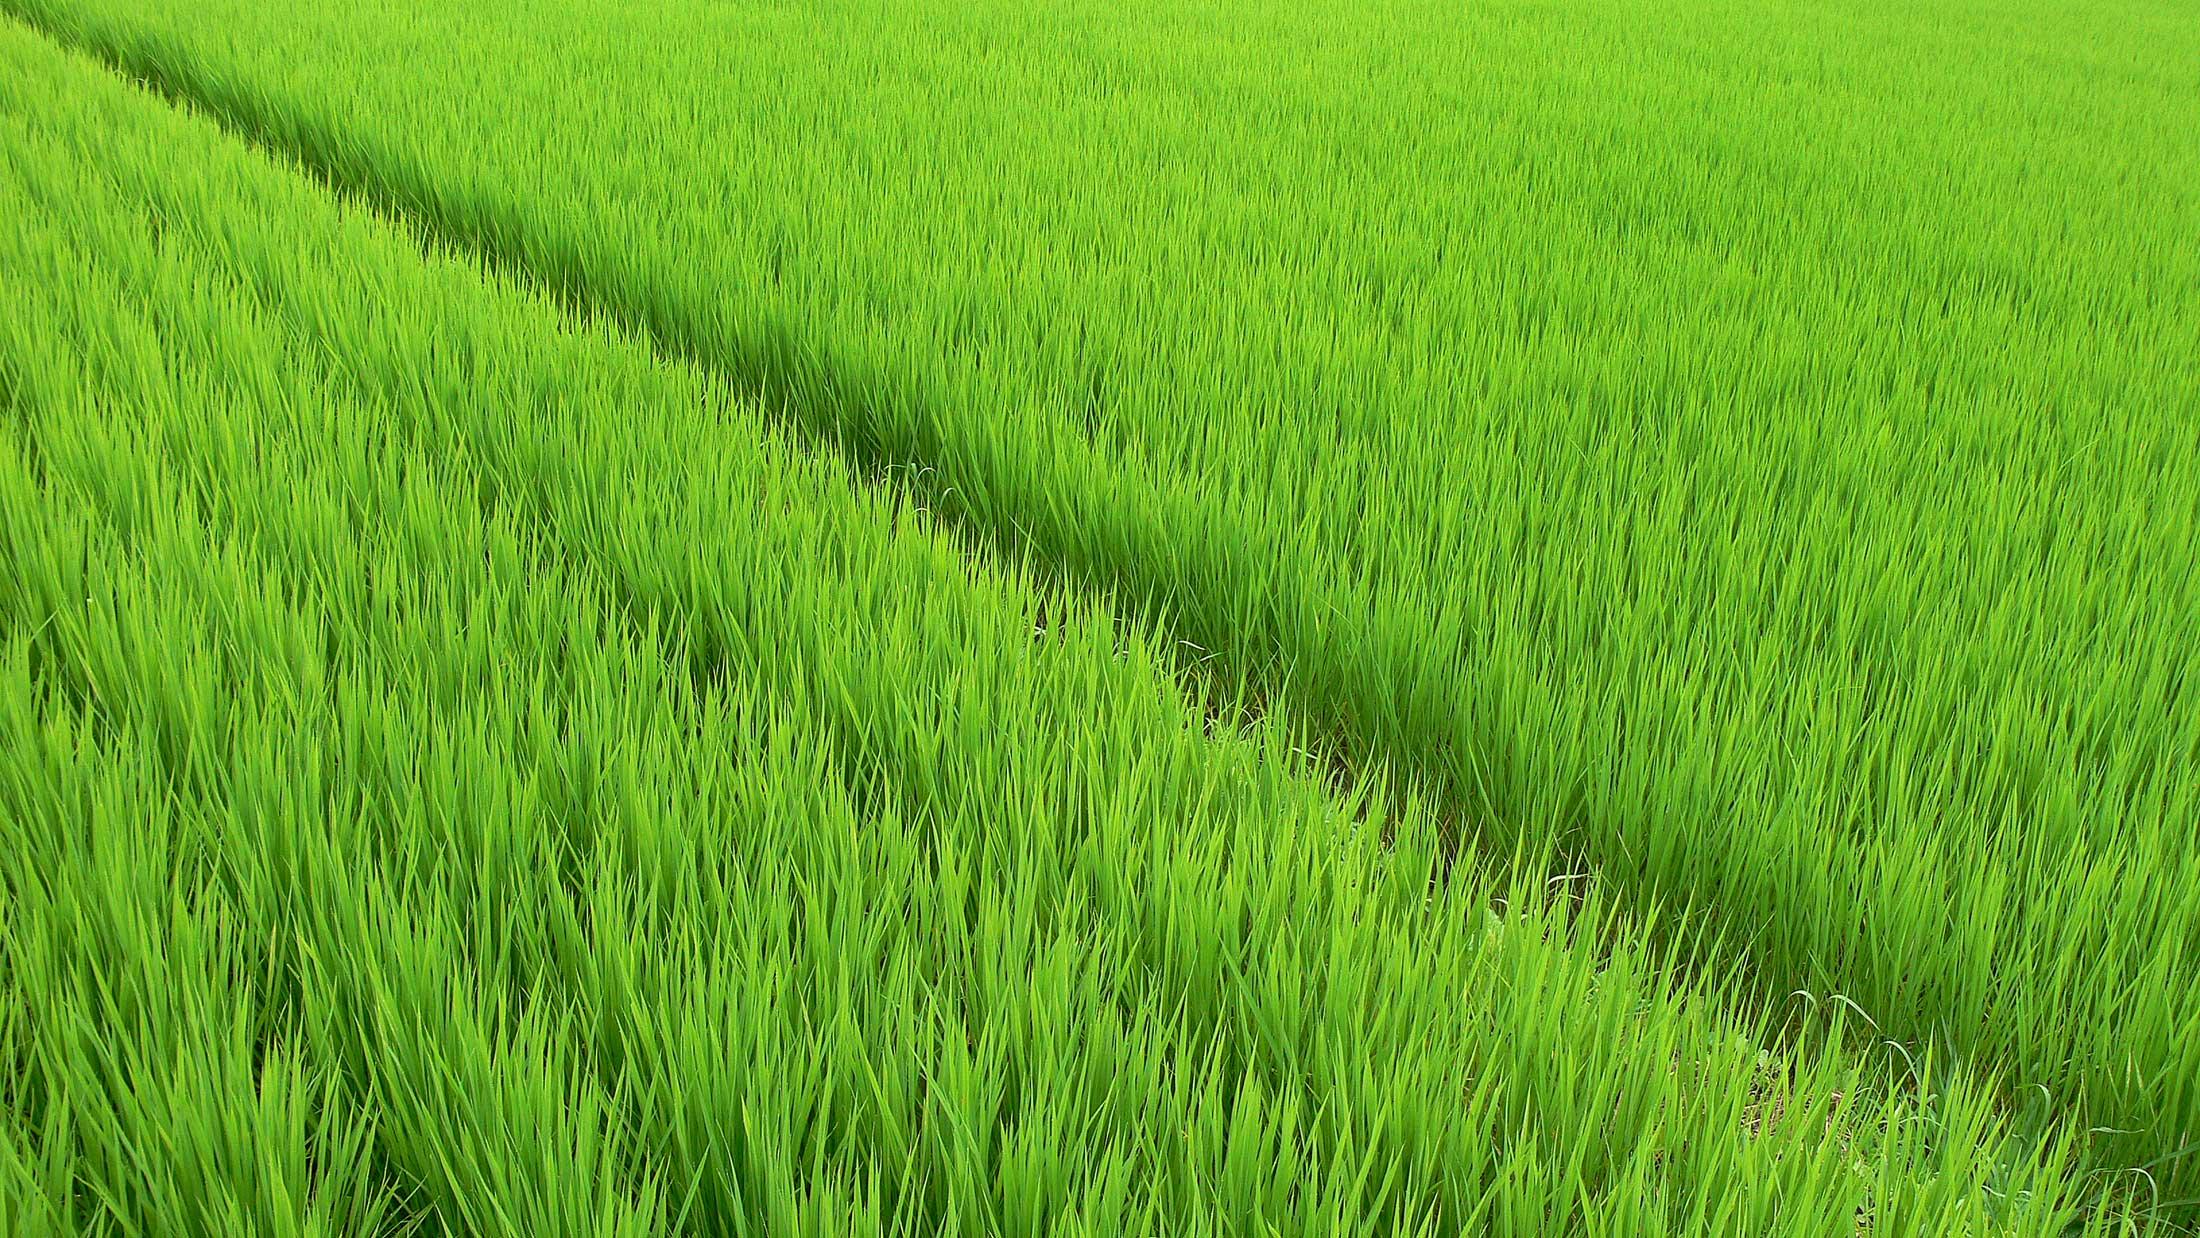 Palakkadan Matta paddy fields